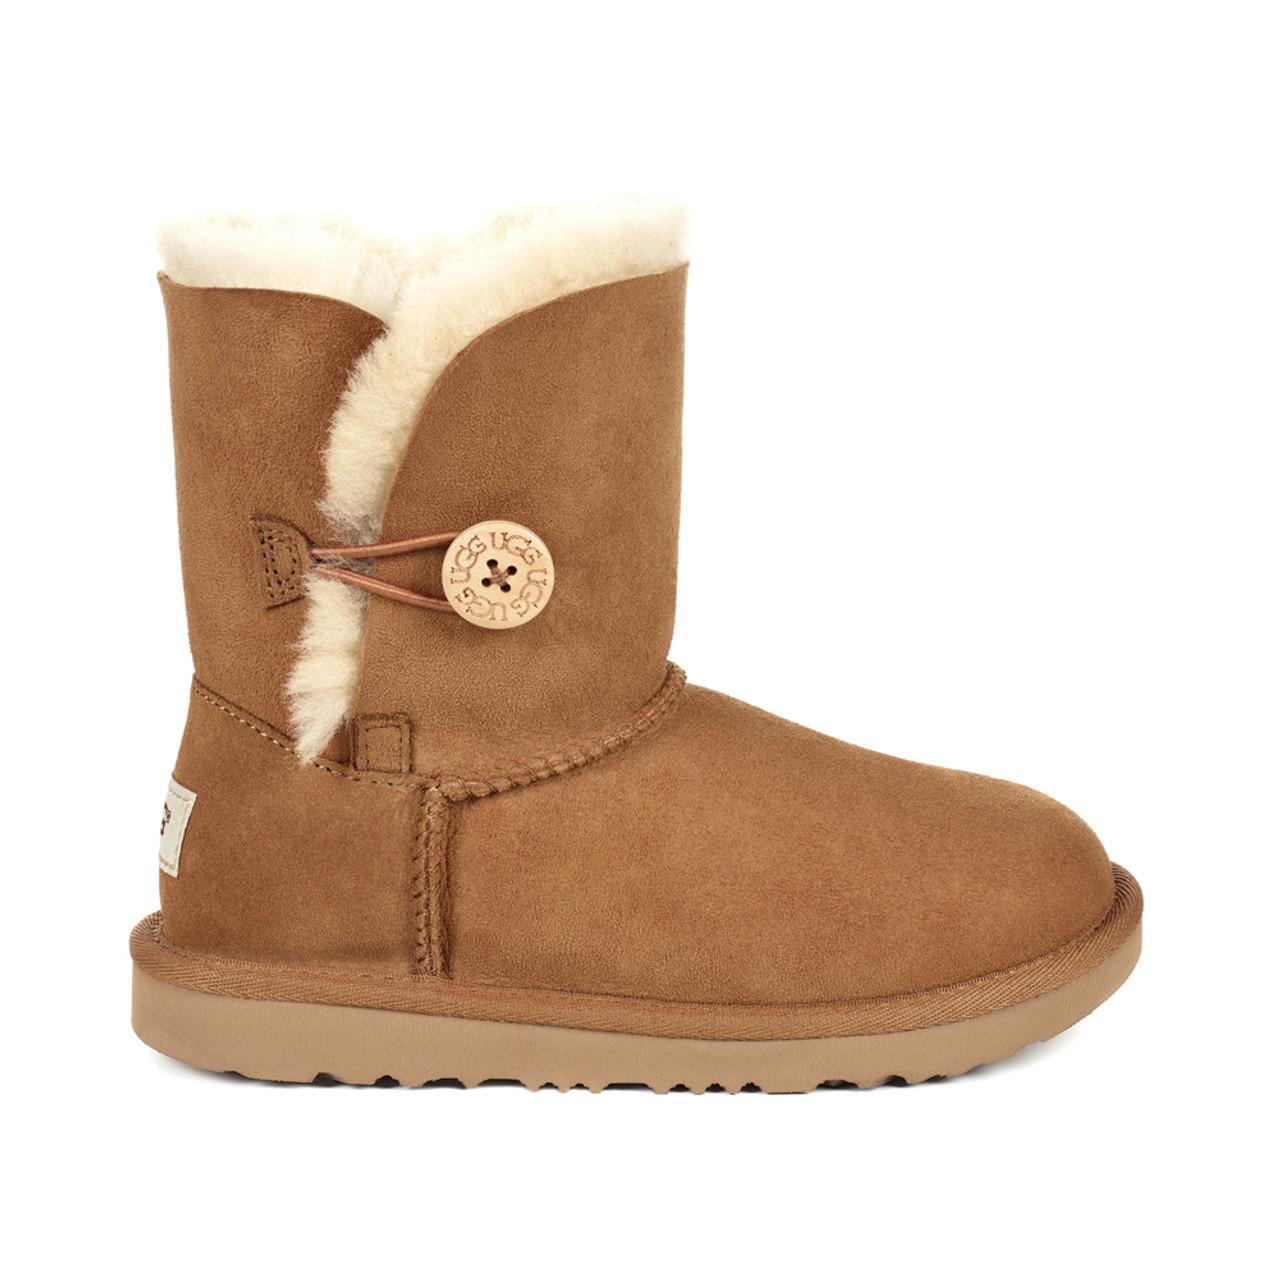 3de6a2c2e78 UGG Girls Kids Bailey Button II Boot Chestnut